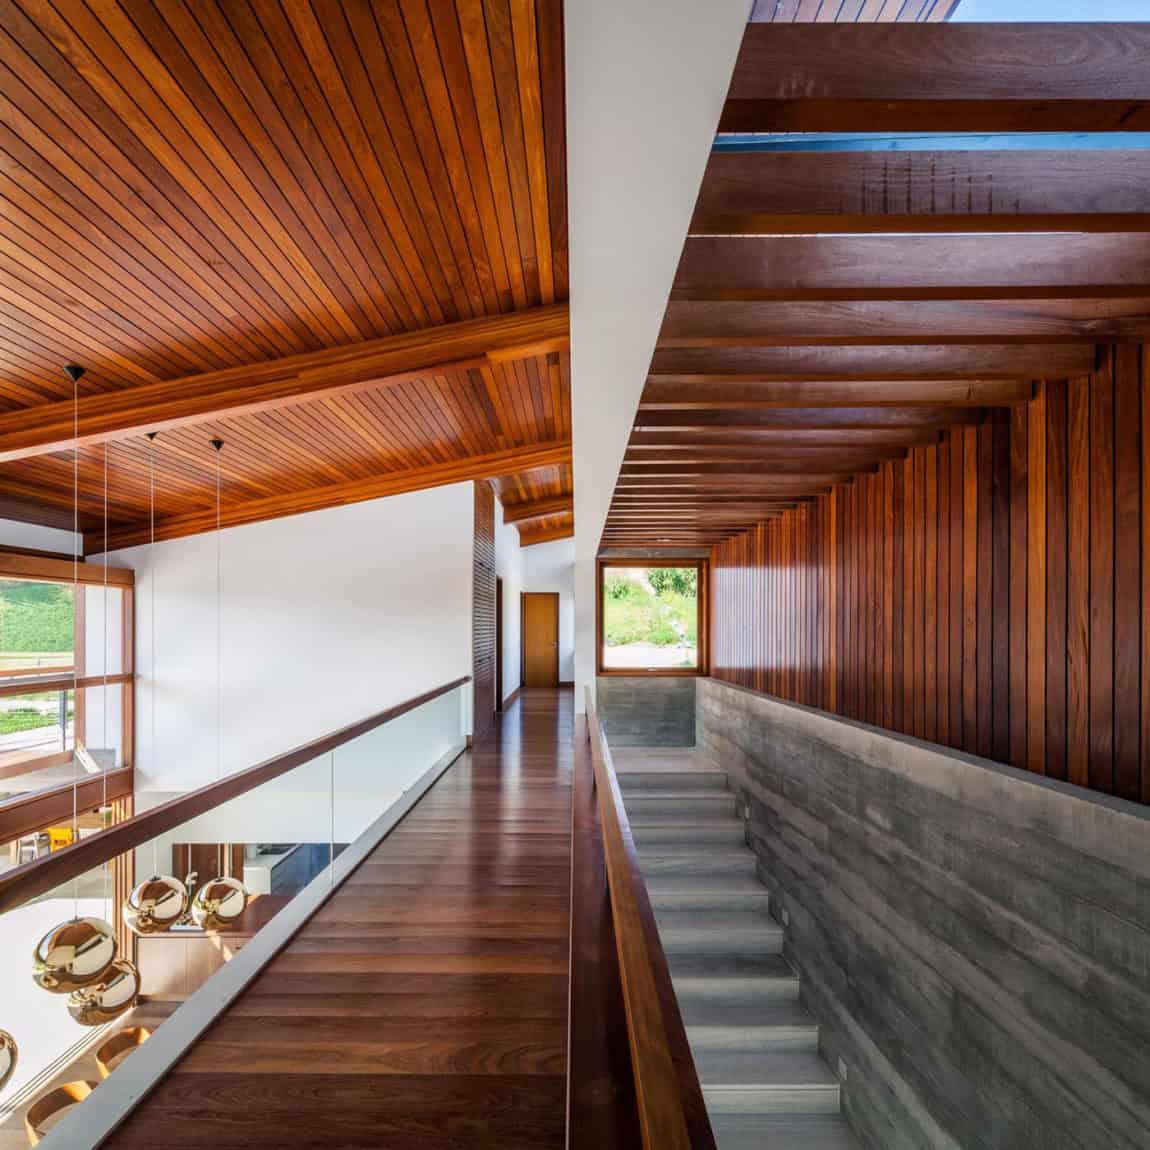 FT Residence by Reinach Mendonça Arquitetos Associados (11)